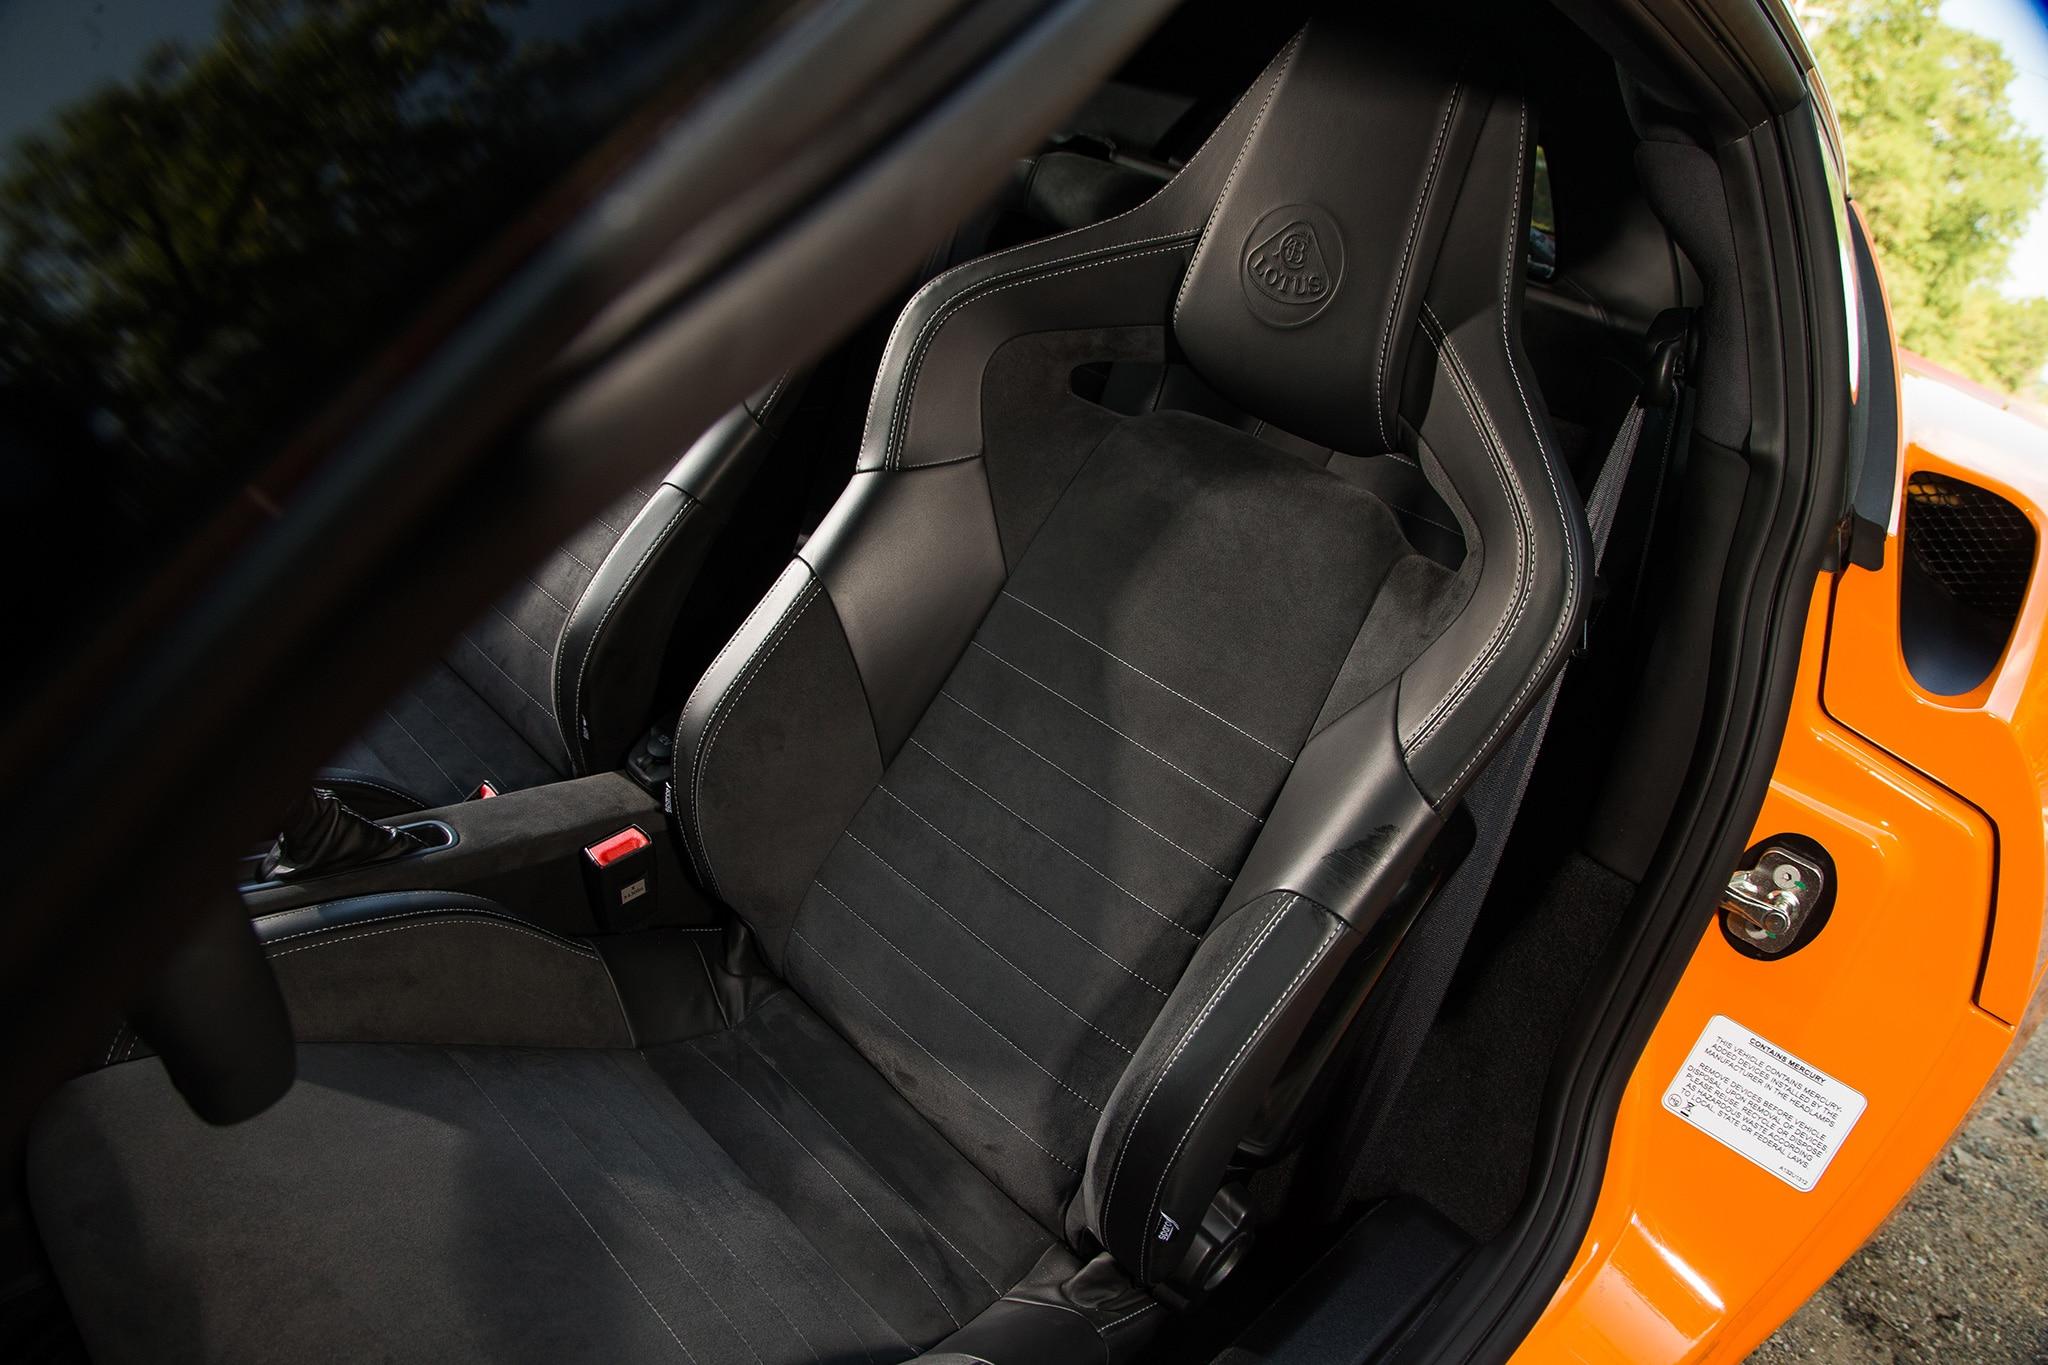 2017 Lotus Evora 400 Seats 01